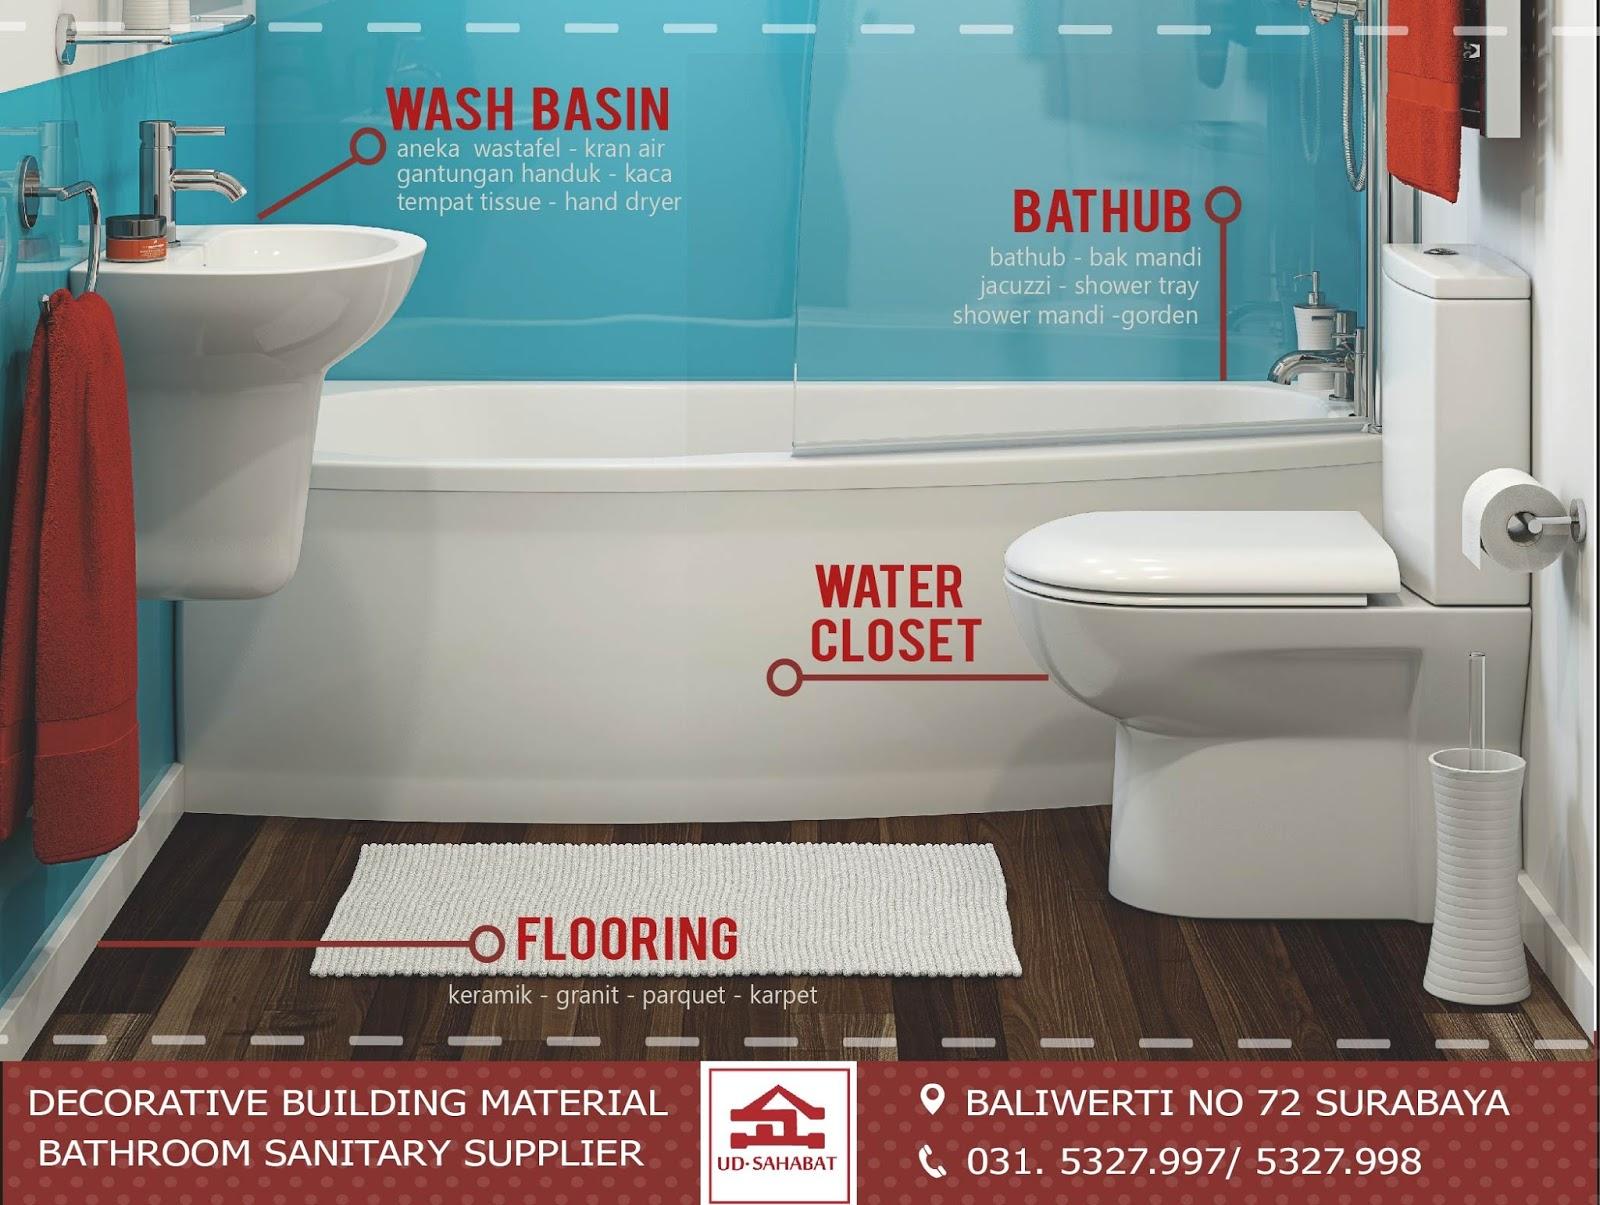 Bathroom Sanitary Needs Ud Sahabat Surabaya San Ei Bath Mixer Hand Shower Set Mandi Oleh Karena Itu Pemilihan Perlengkapan Dan Peralatan Kamar Yang Tepat Sesuai Kebutuhan Selaras Dengan Tema Interior Akan Menciptakan Harmoni